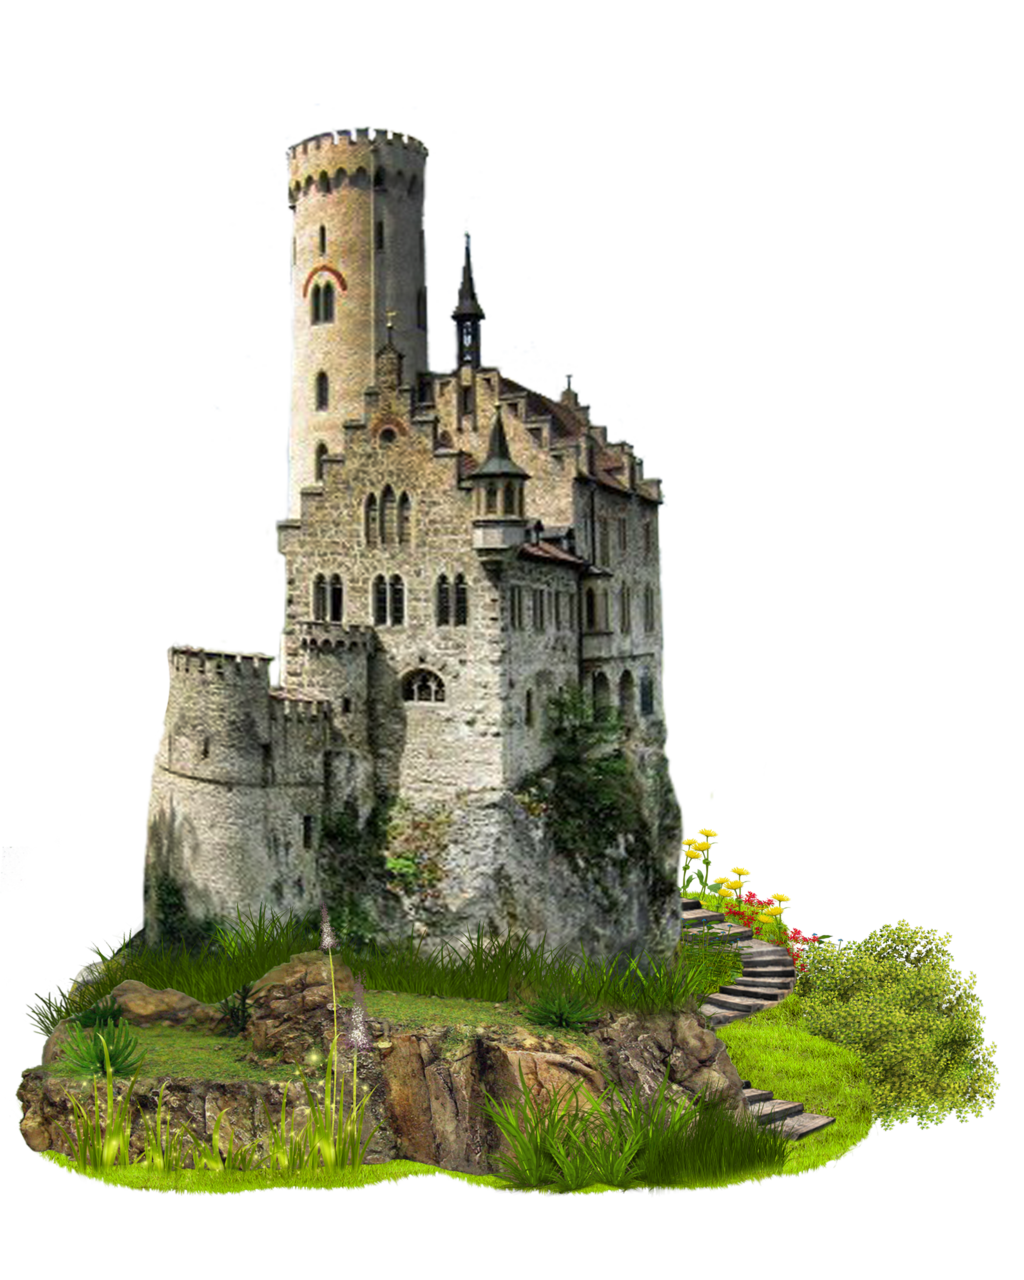 Castle Png Images PNG Image - Castle PNG